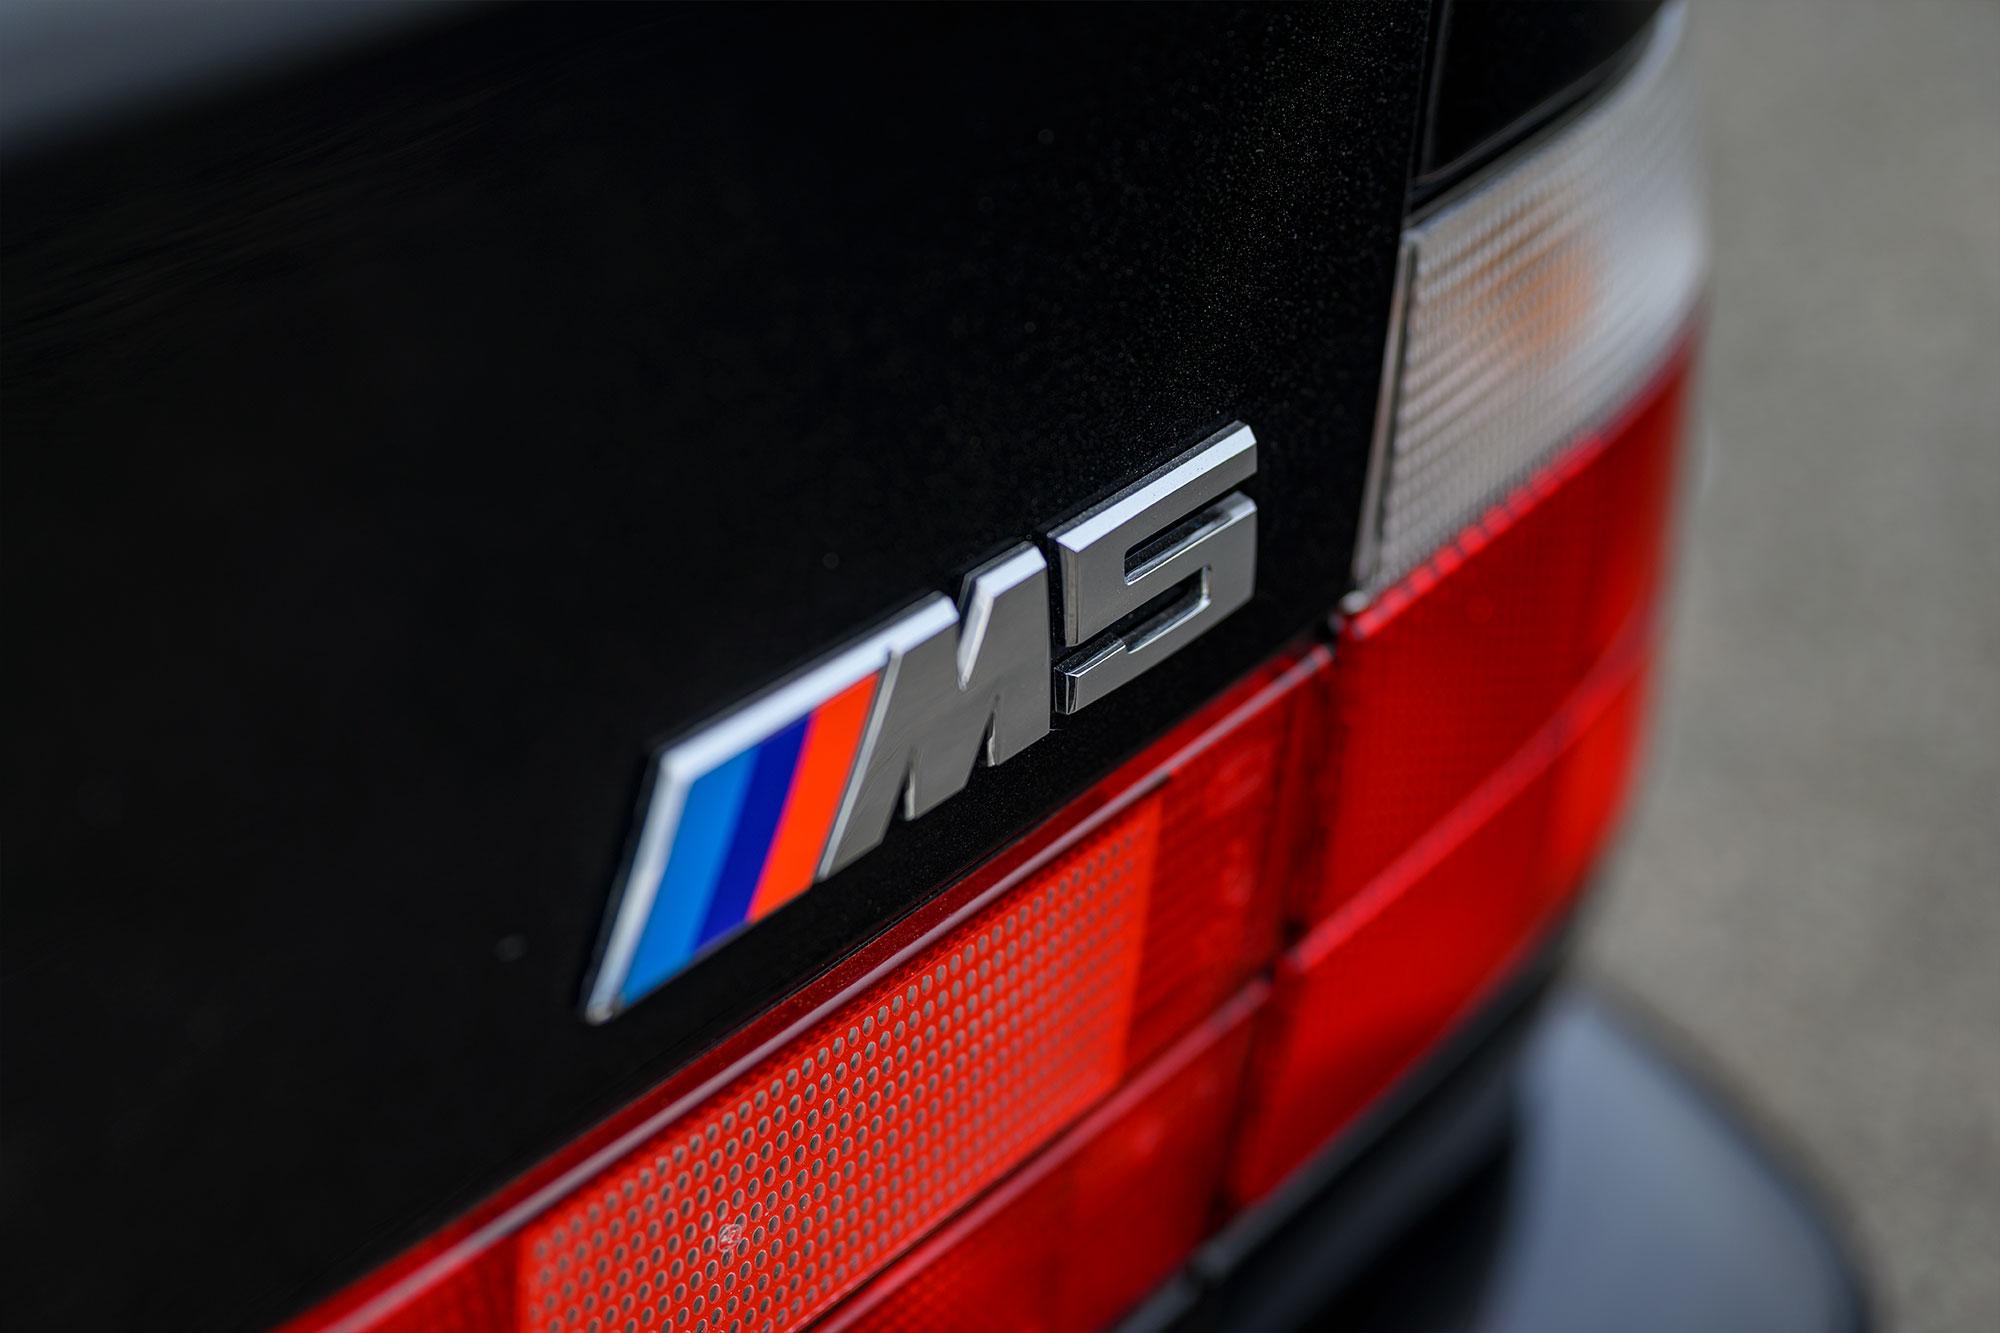 E34 M5 badge